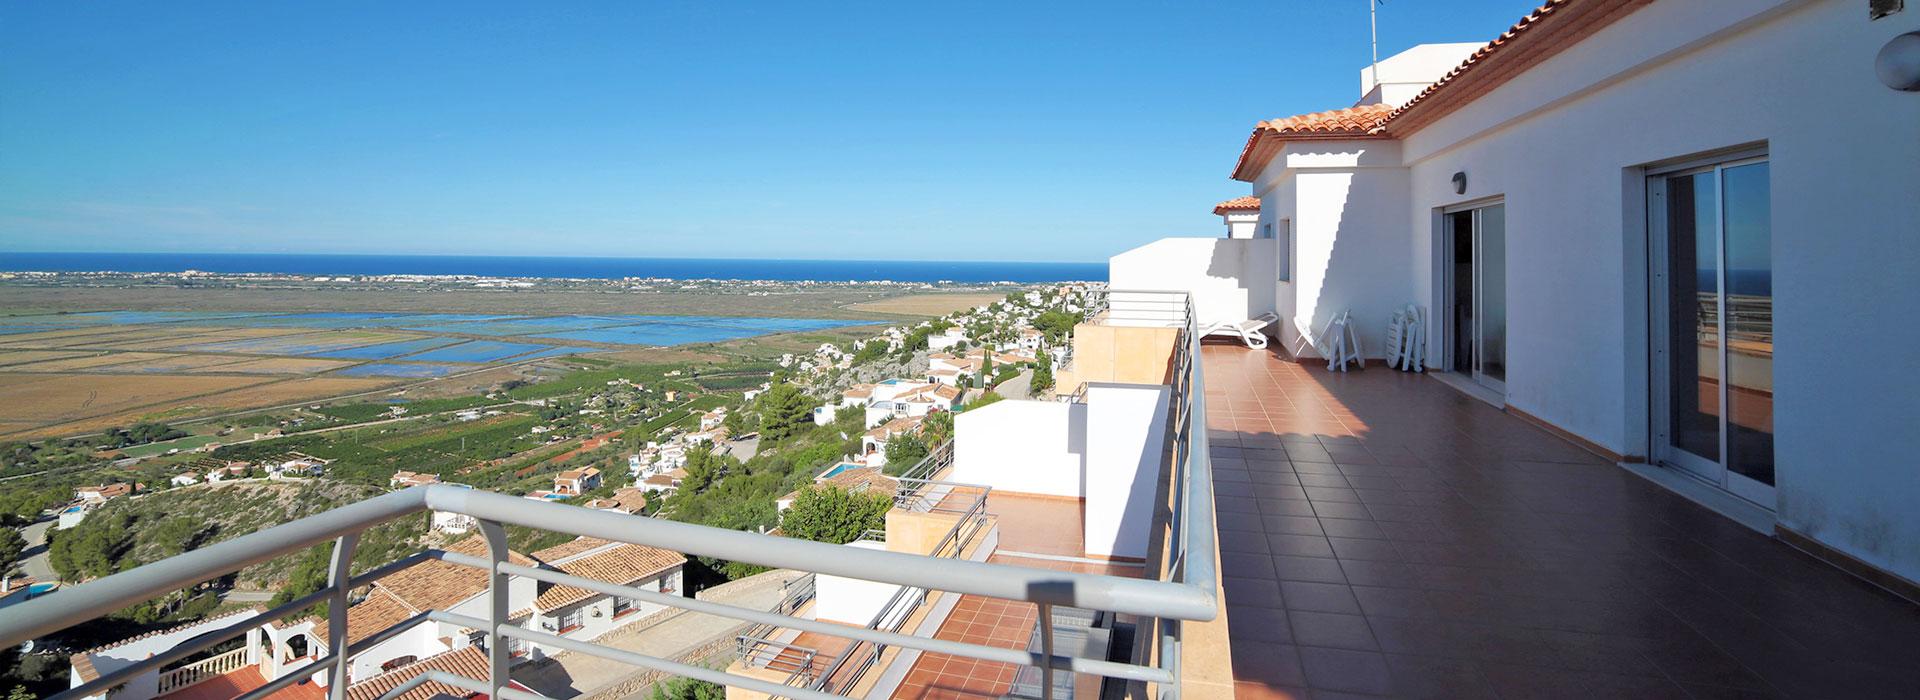 acb.immo - Appartement de 3 chambres avec grande terrasse et solarium à Monte Pego, Dénia